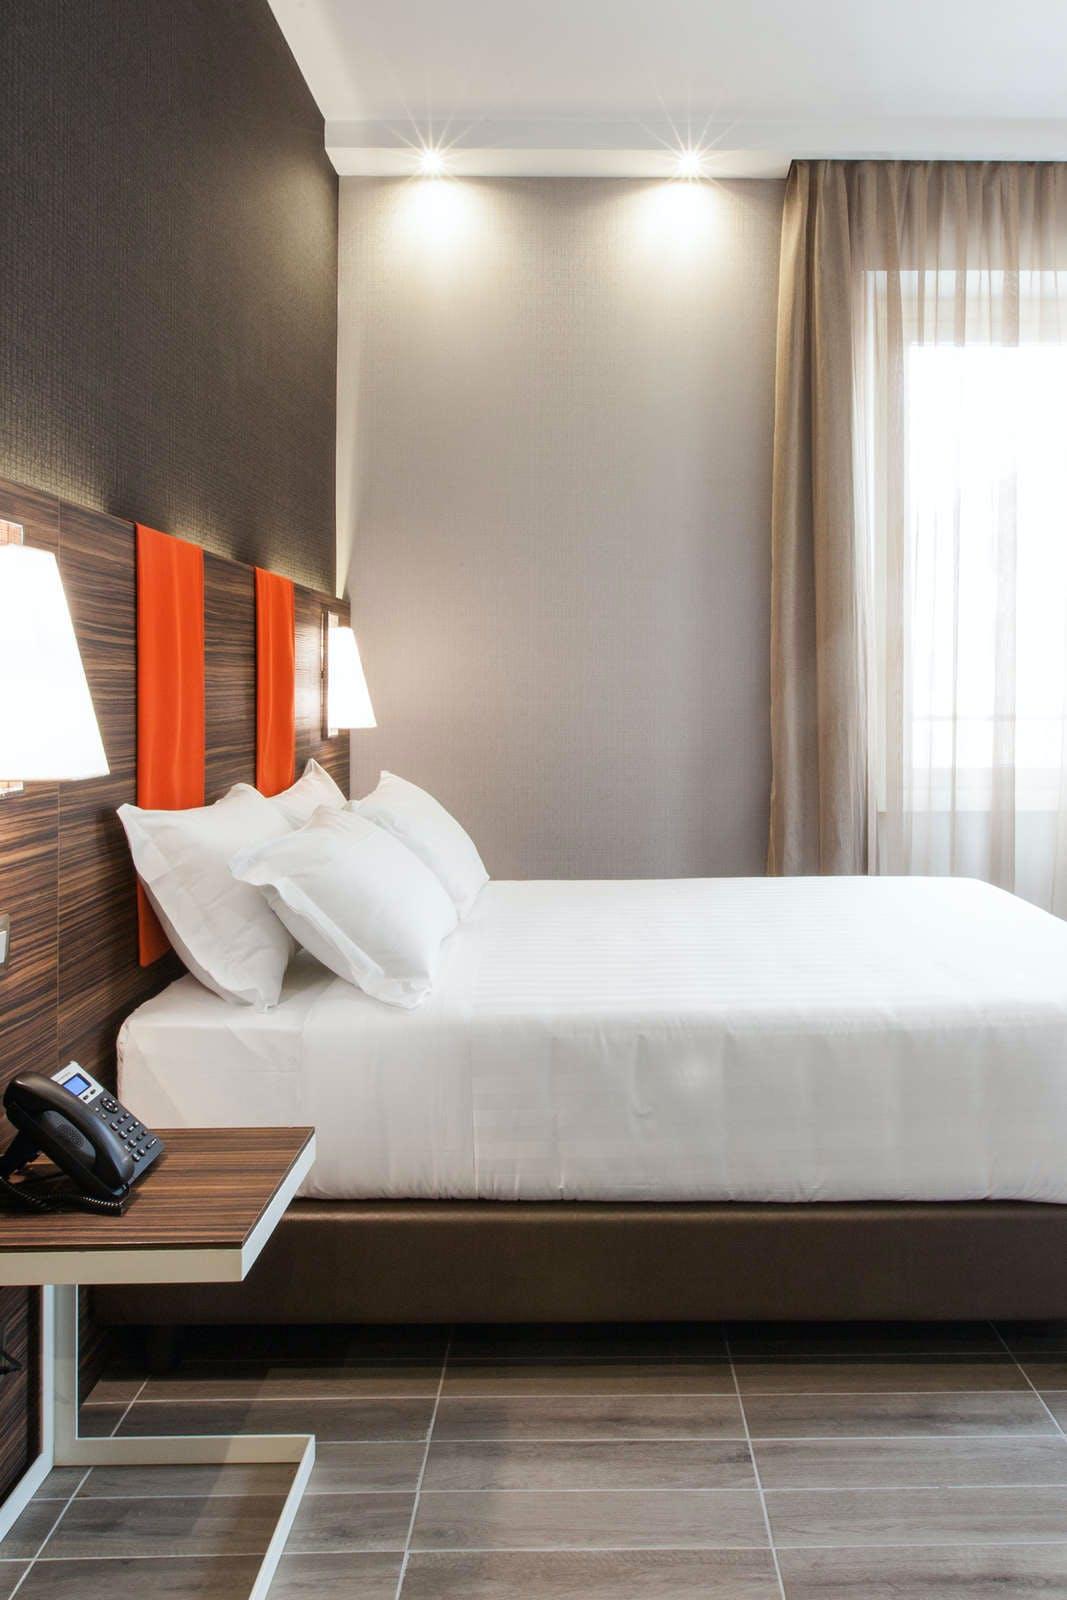 Smooth Hotel Rome Repubblica